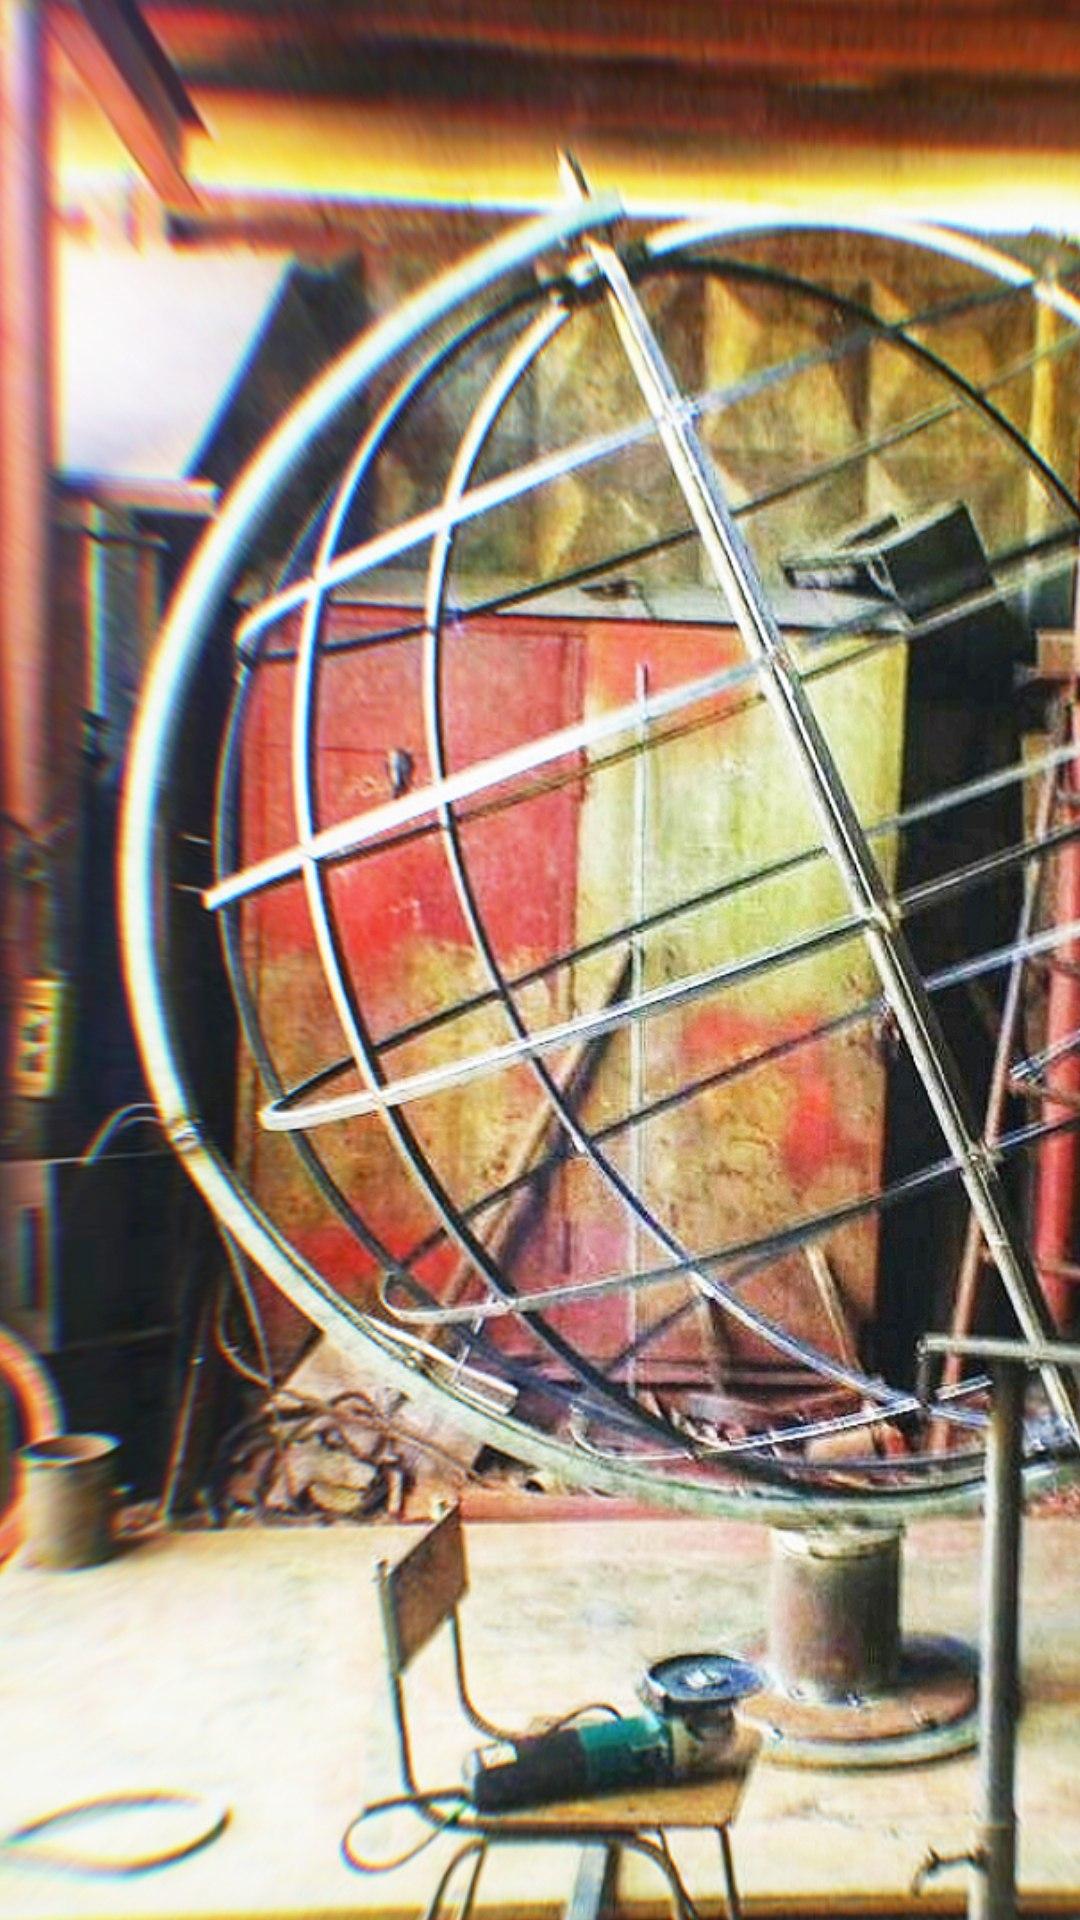 ironlamp Мастерская Железные Лампы СВЕТ, МЕБЕЛЬ, ДЕКОР, ИНСТАЛЛЯЦИИ Москва Работаем с 2015 года